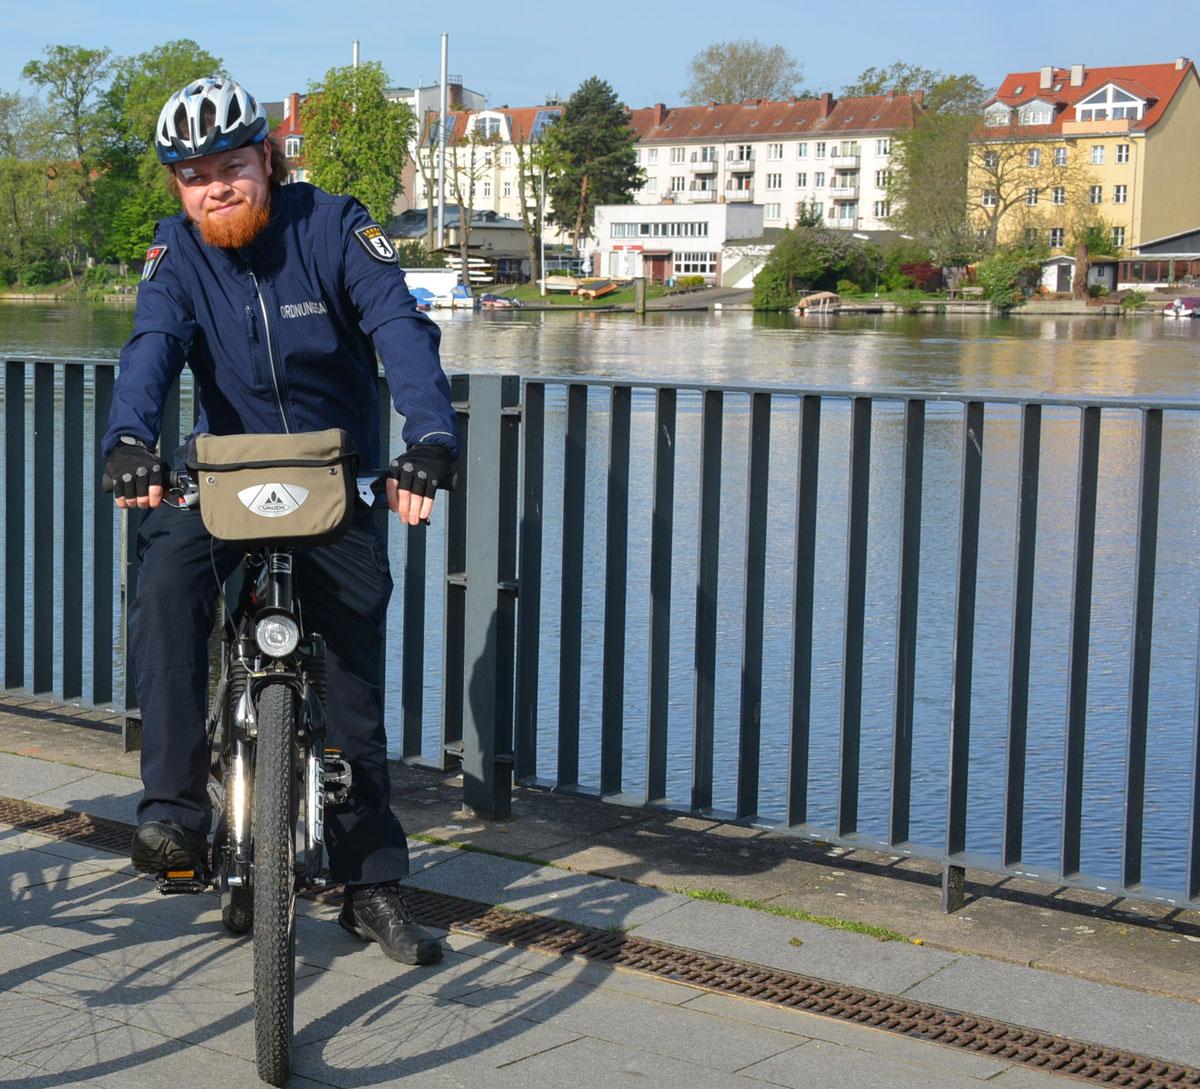 Mitarbeiter der Fahrradstaffel des Ordnungsamtes Treptow-Köpenick im Einsatz